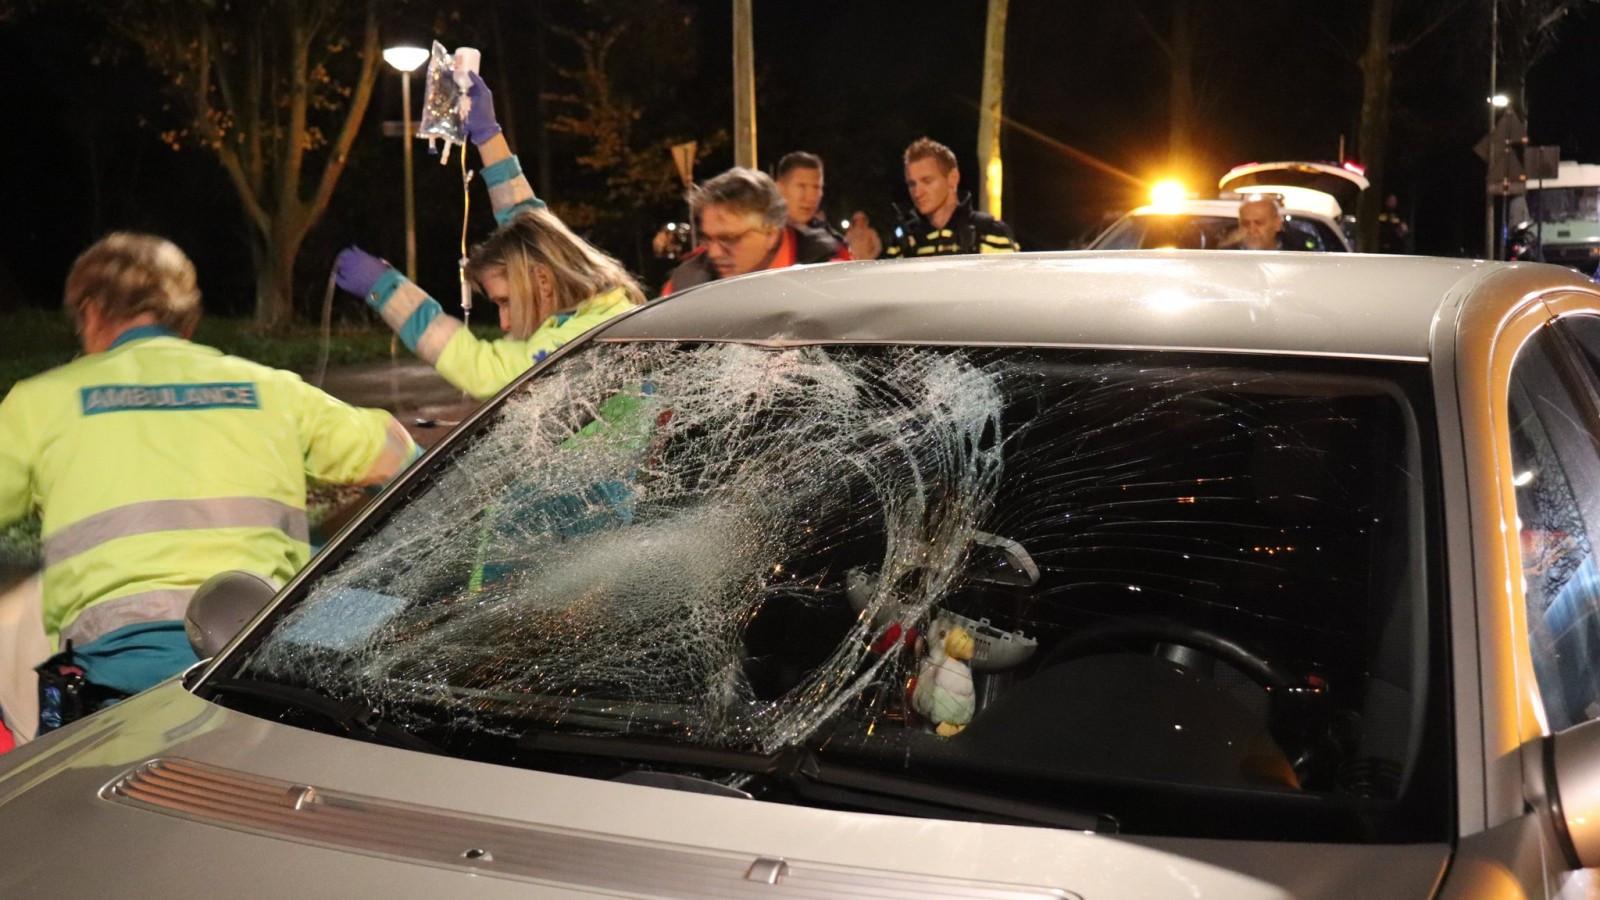 Fietser gereanimeerd na botsing met auto in Nieuw-West.